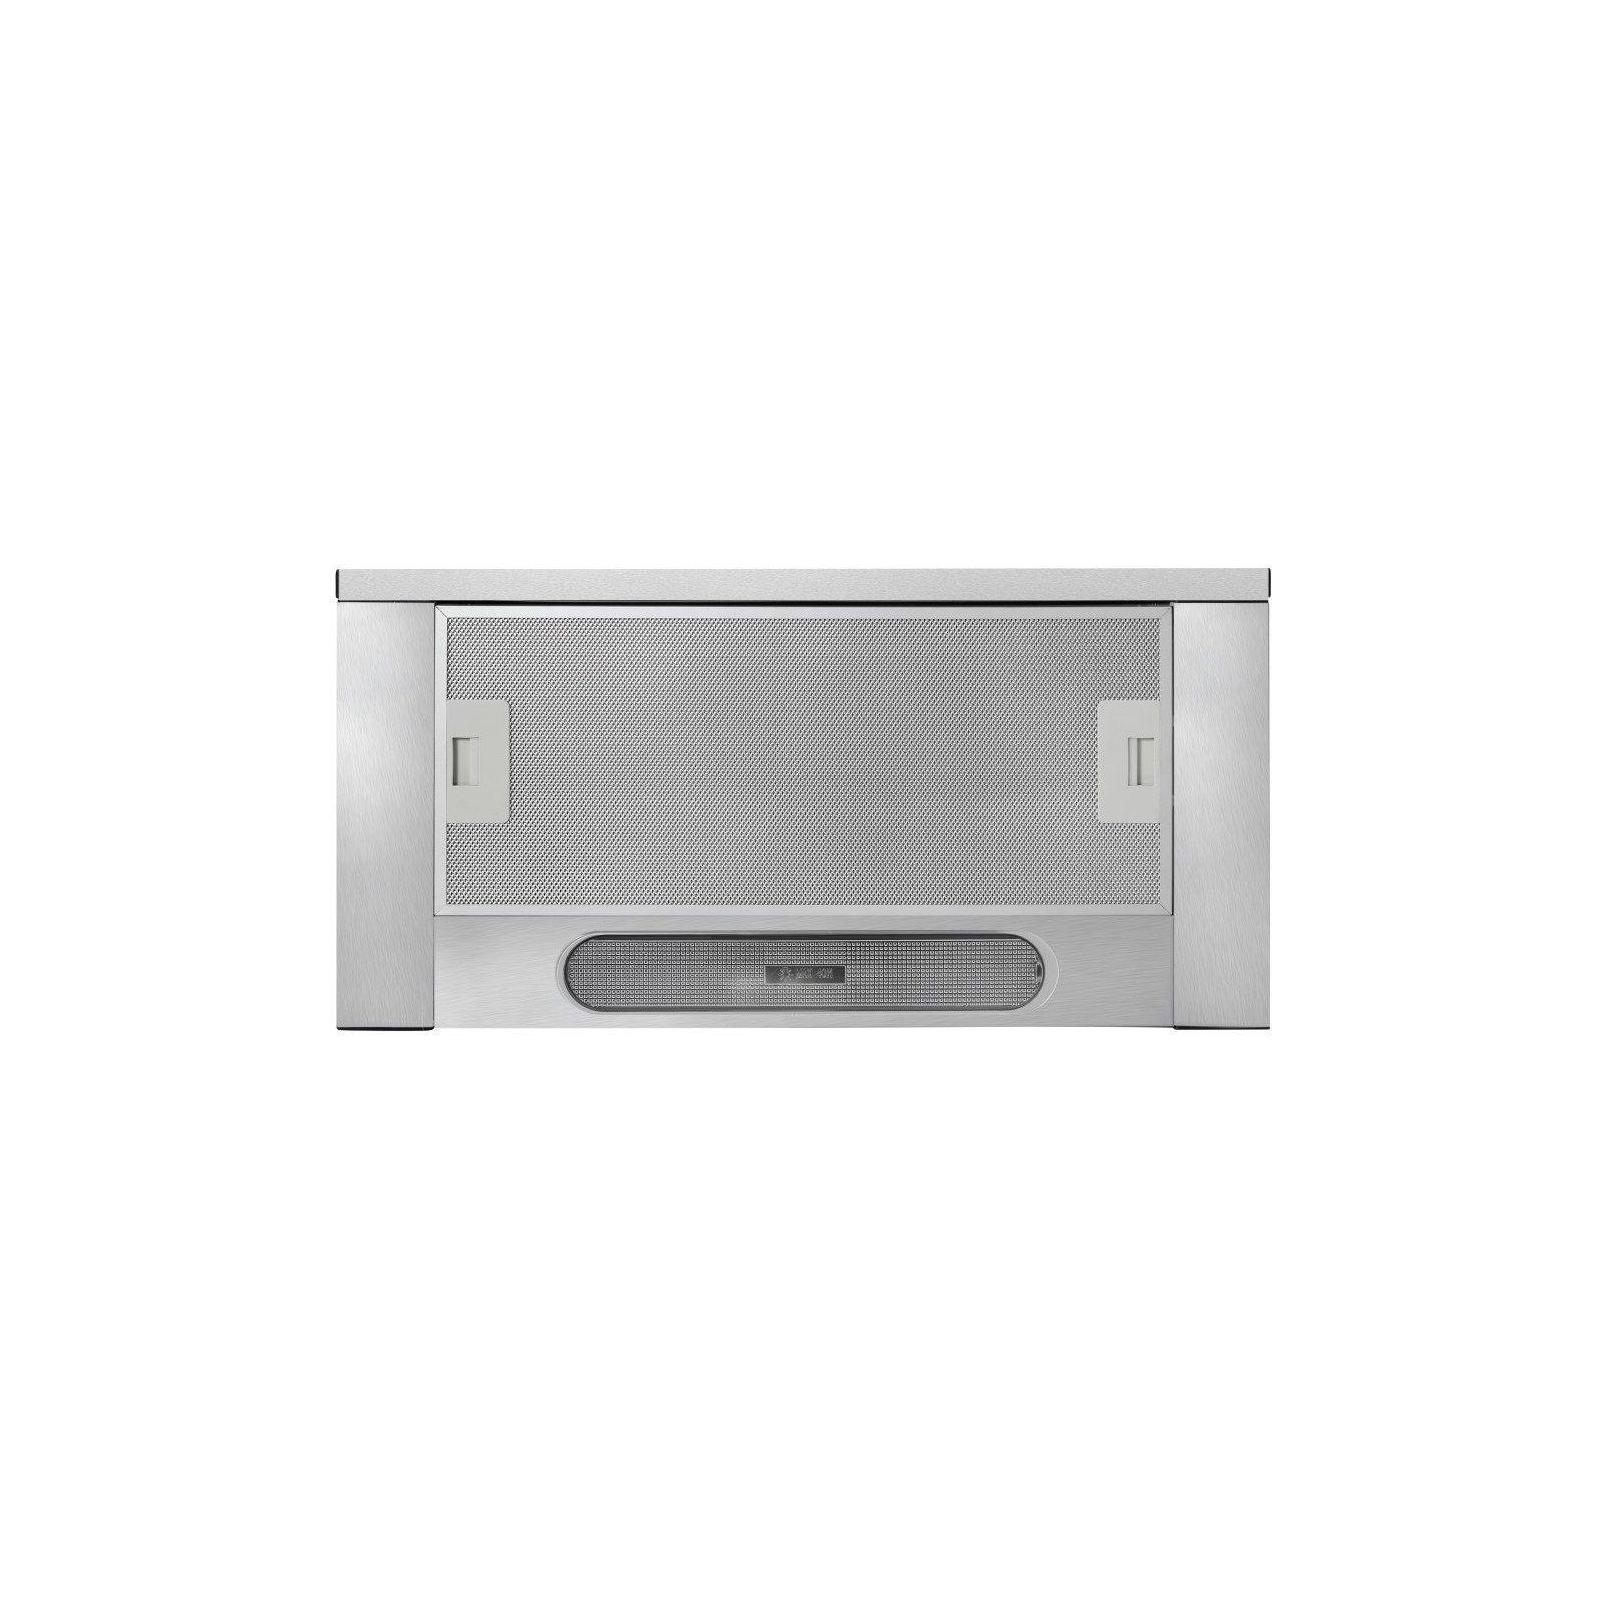 Вытяжка кухонная MINOLA HTL 5010 FULL INOX 430 изображение 6